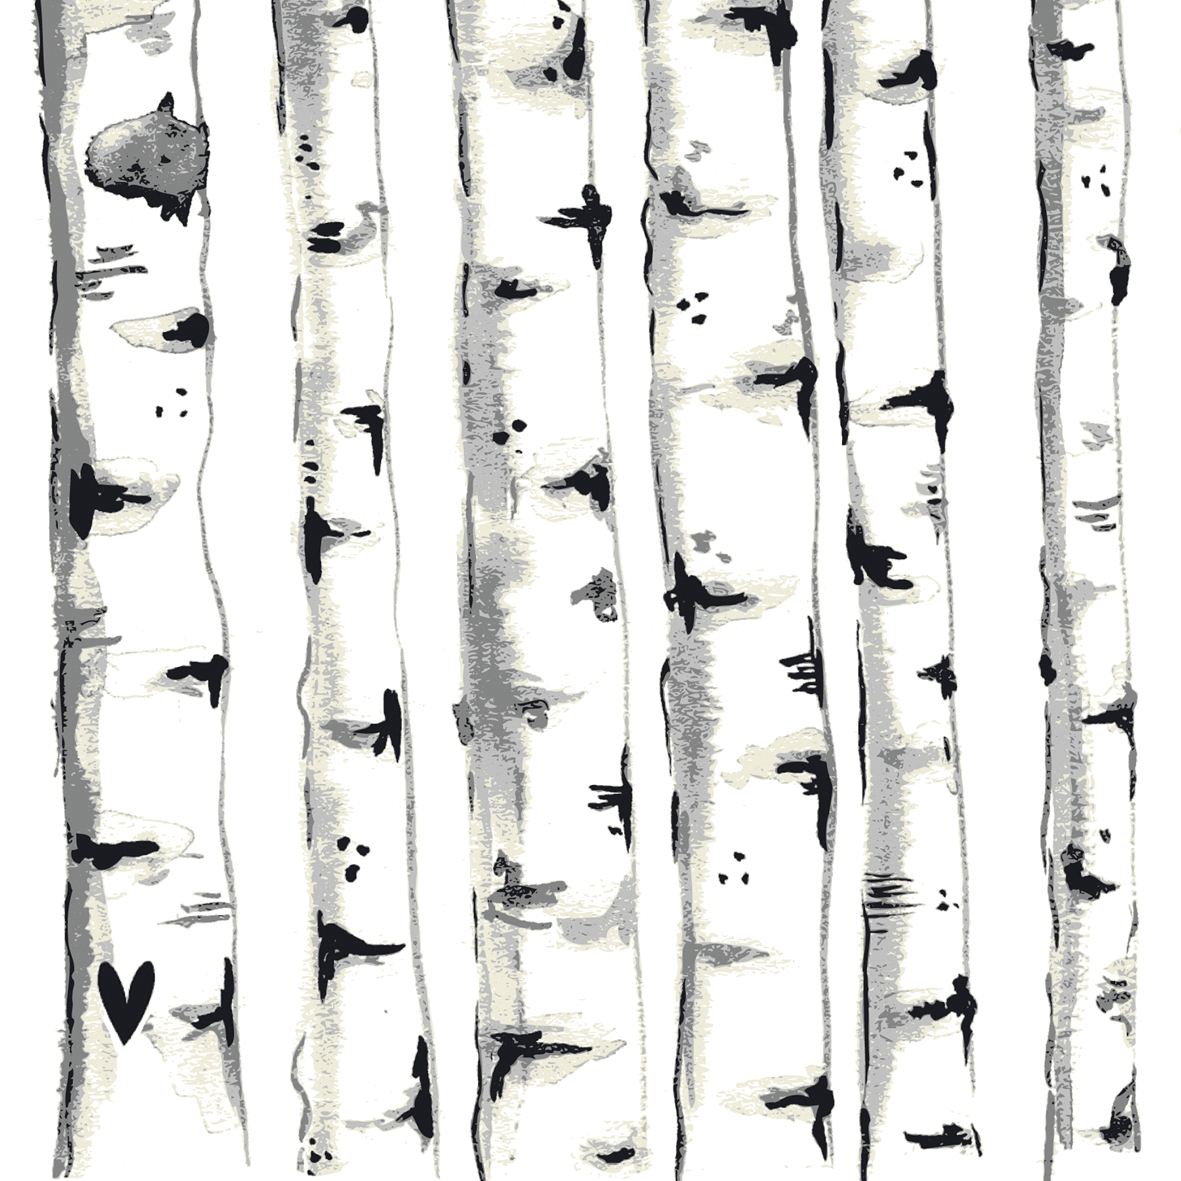 Servietten 33 x 33 cm,  Pflanzen -  Sonstige,  Everyday,  lunchservietten,  Birke